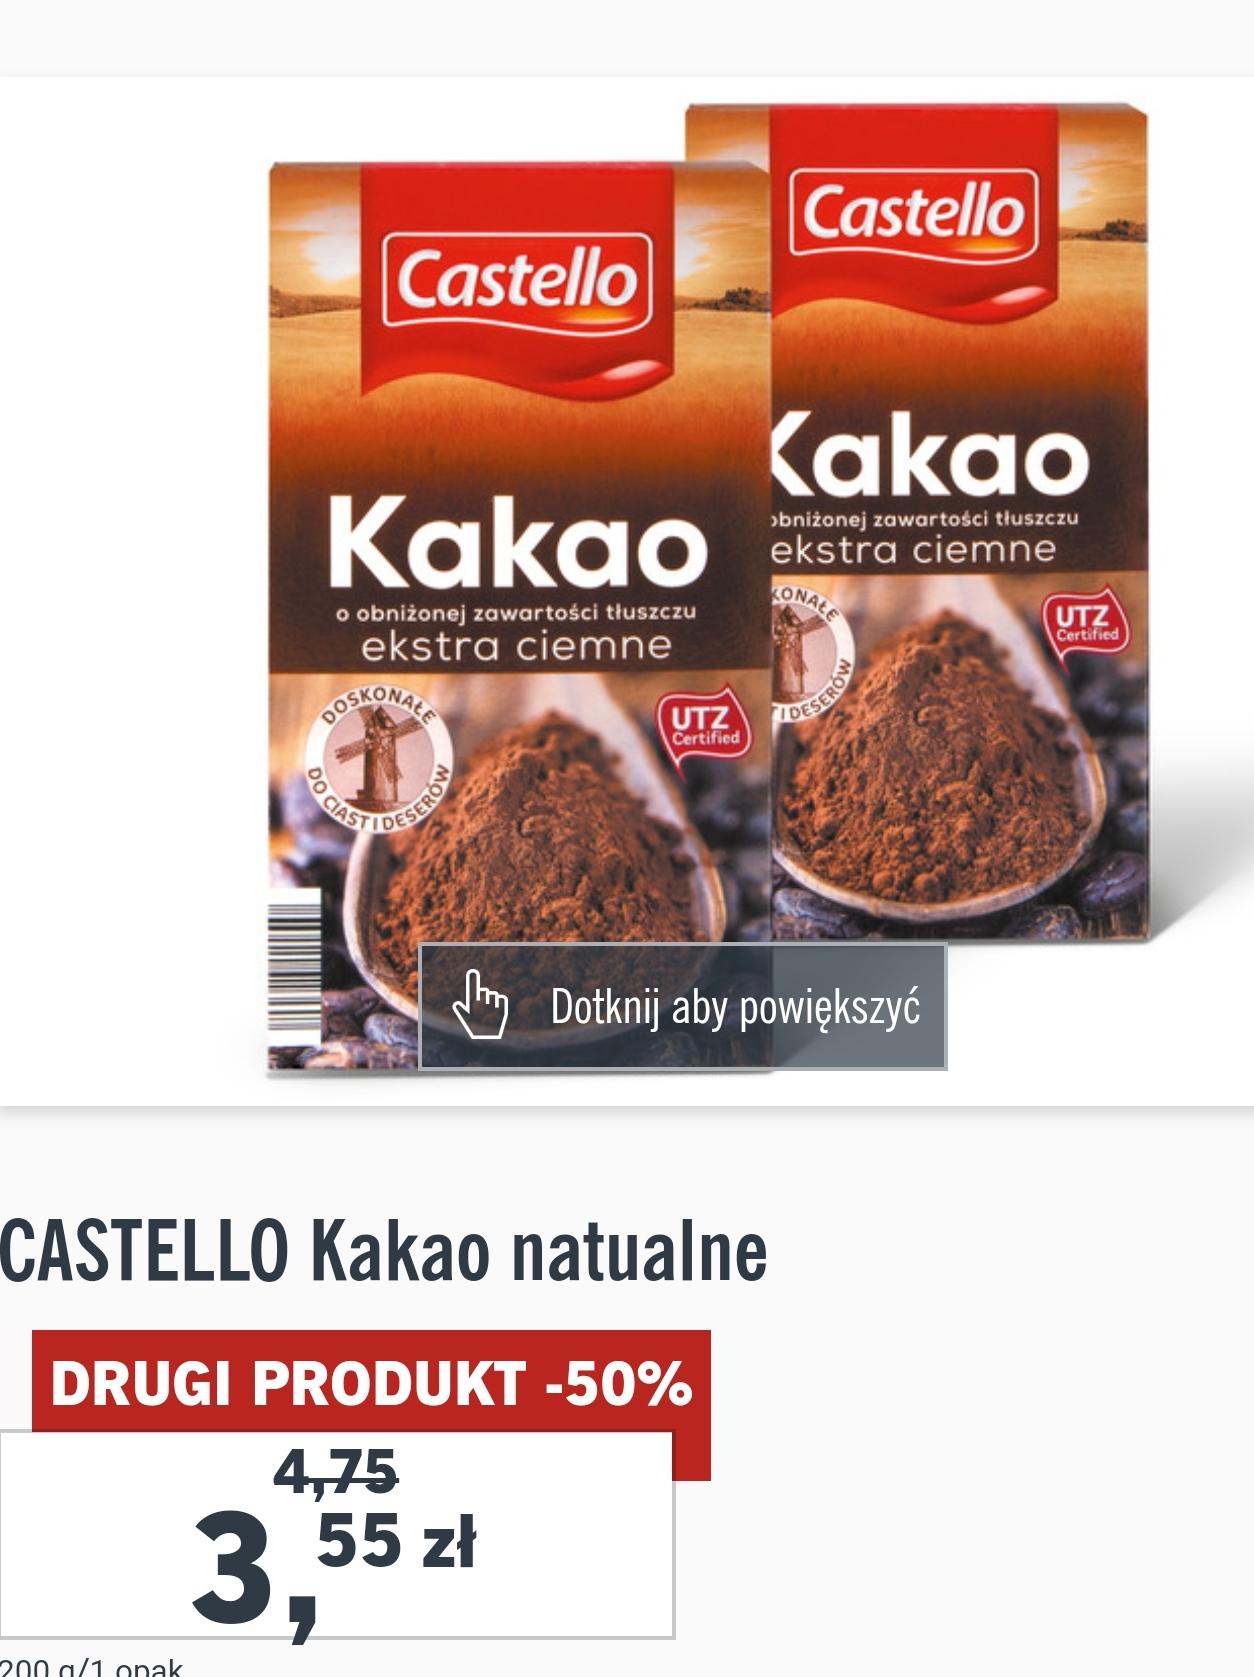 [Lidl] Castello Kakao naturalne za 3,55 przy zakupie 2szt.(-25%)